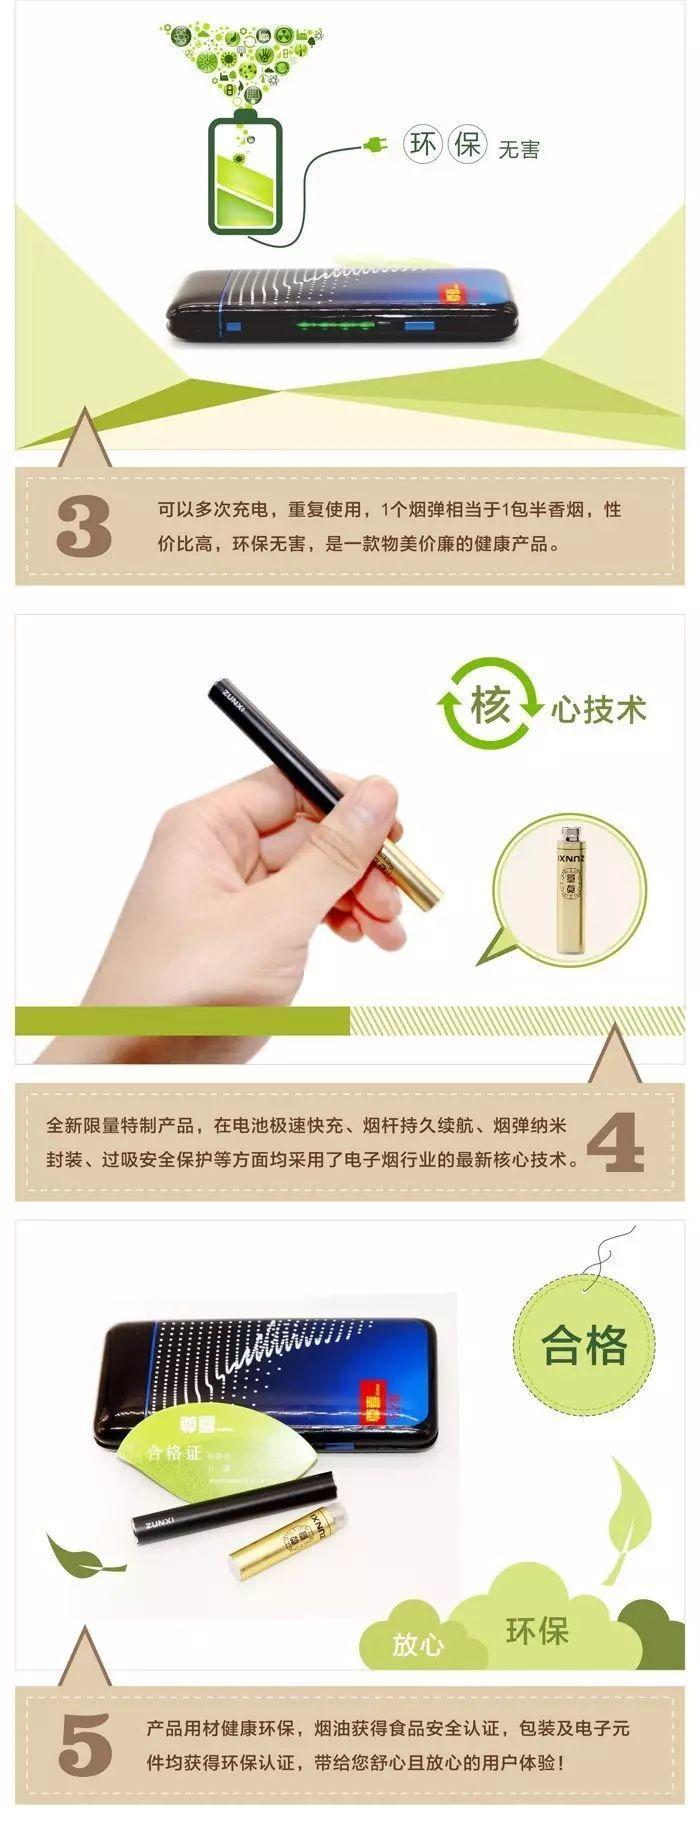 世界无烟日,尊喜电子烟特邀1000名VIP消费者体验健康新生活